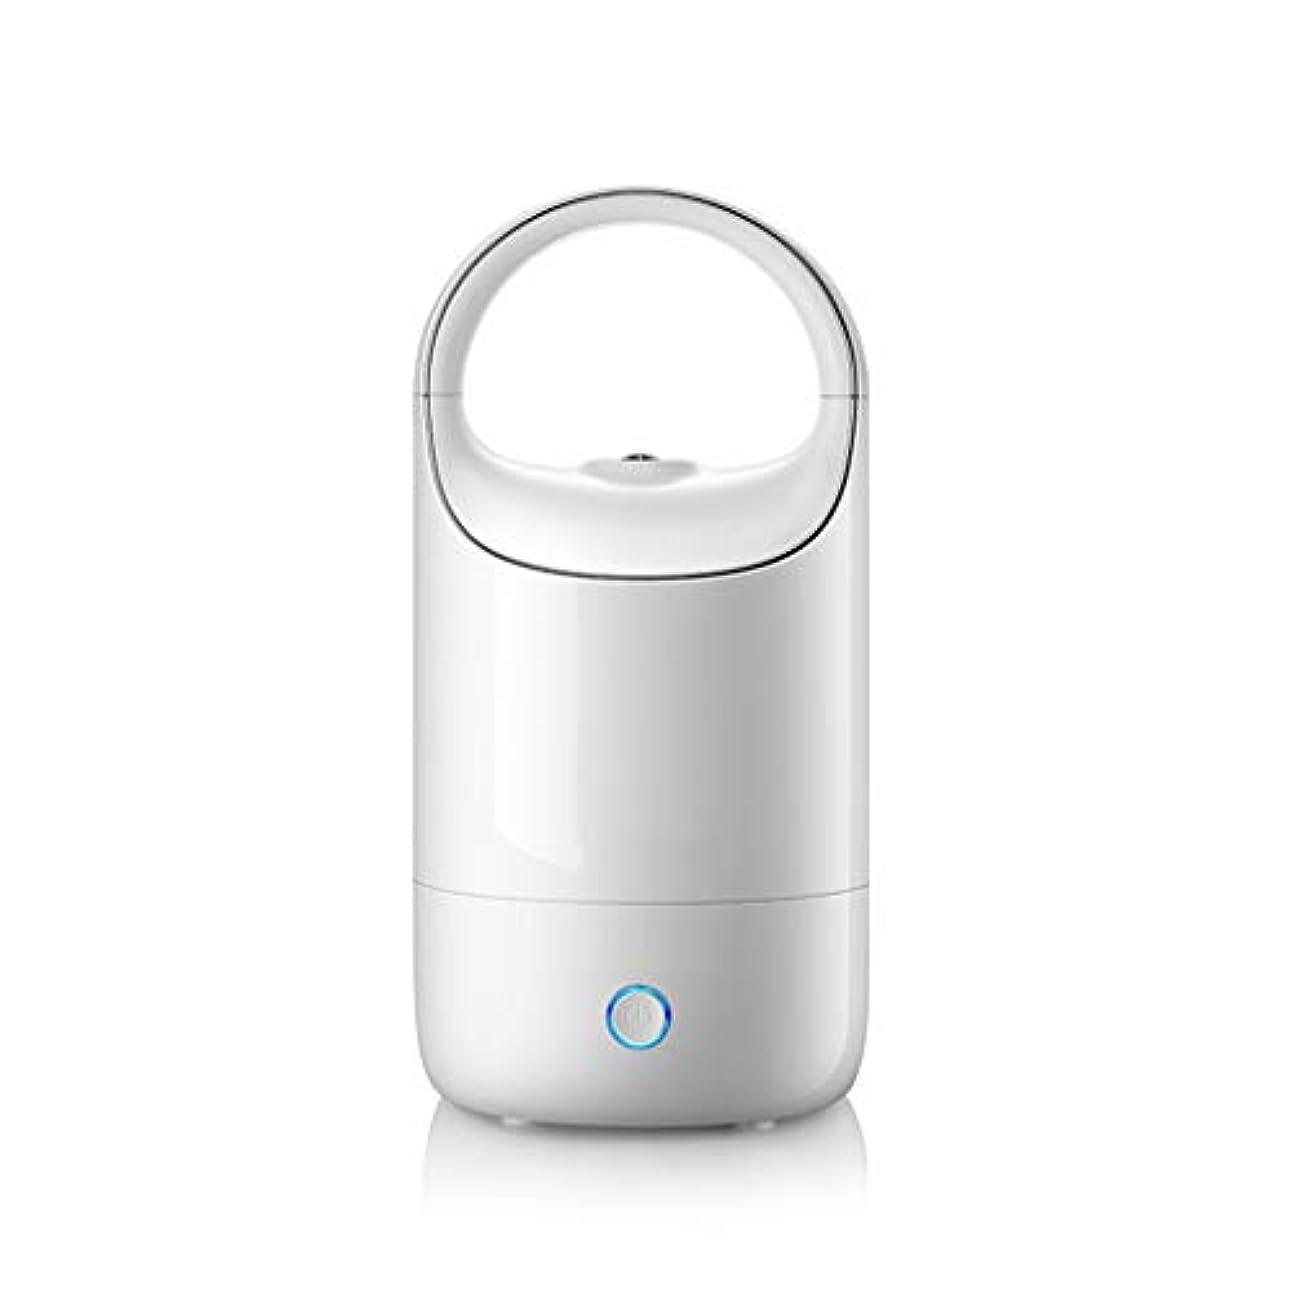 虐殺スイング製作空気加湿器ホームサイレント寝室妊婦赤ちゃん空気霧大容量ディフューザー (Color : White)